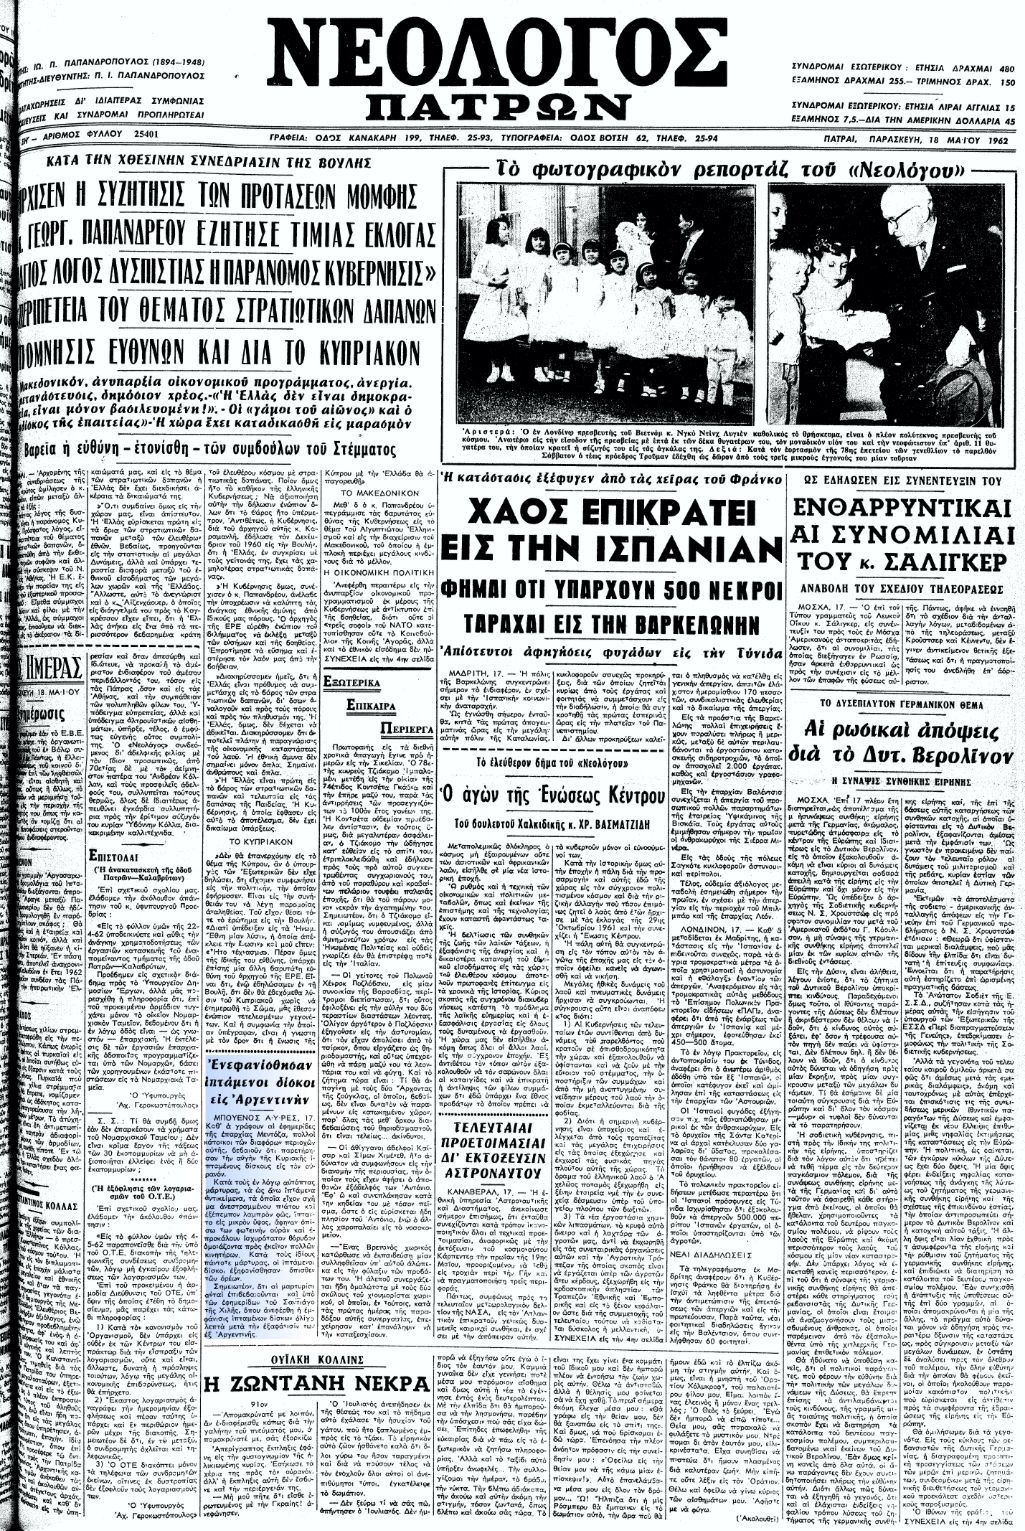 """Το άρθρο, όπως δημοσιεύθηκε στην εφημερίδα """"ΝΕΟΛΟΓΟΣ ΠΑΤΡΩΝ"""", στις 18/05/1962"""